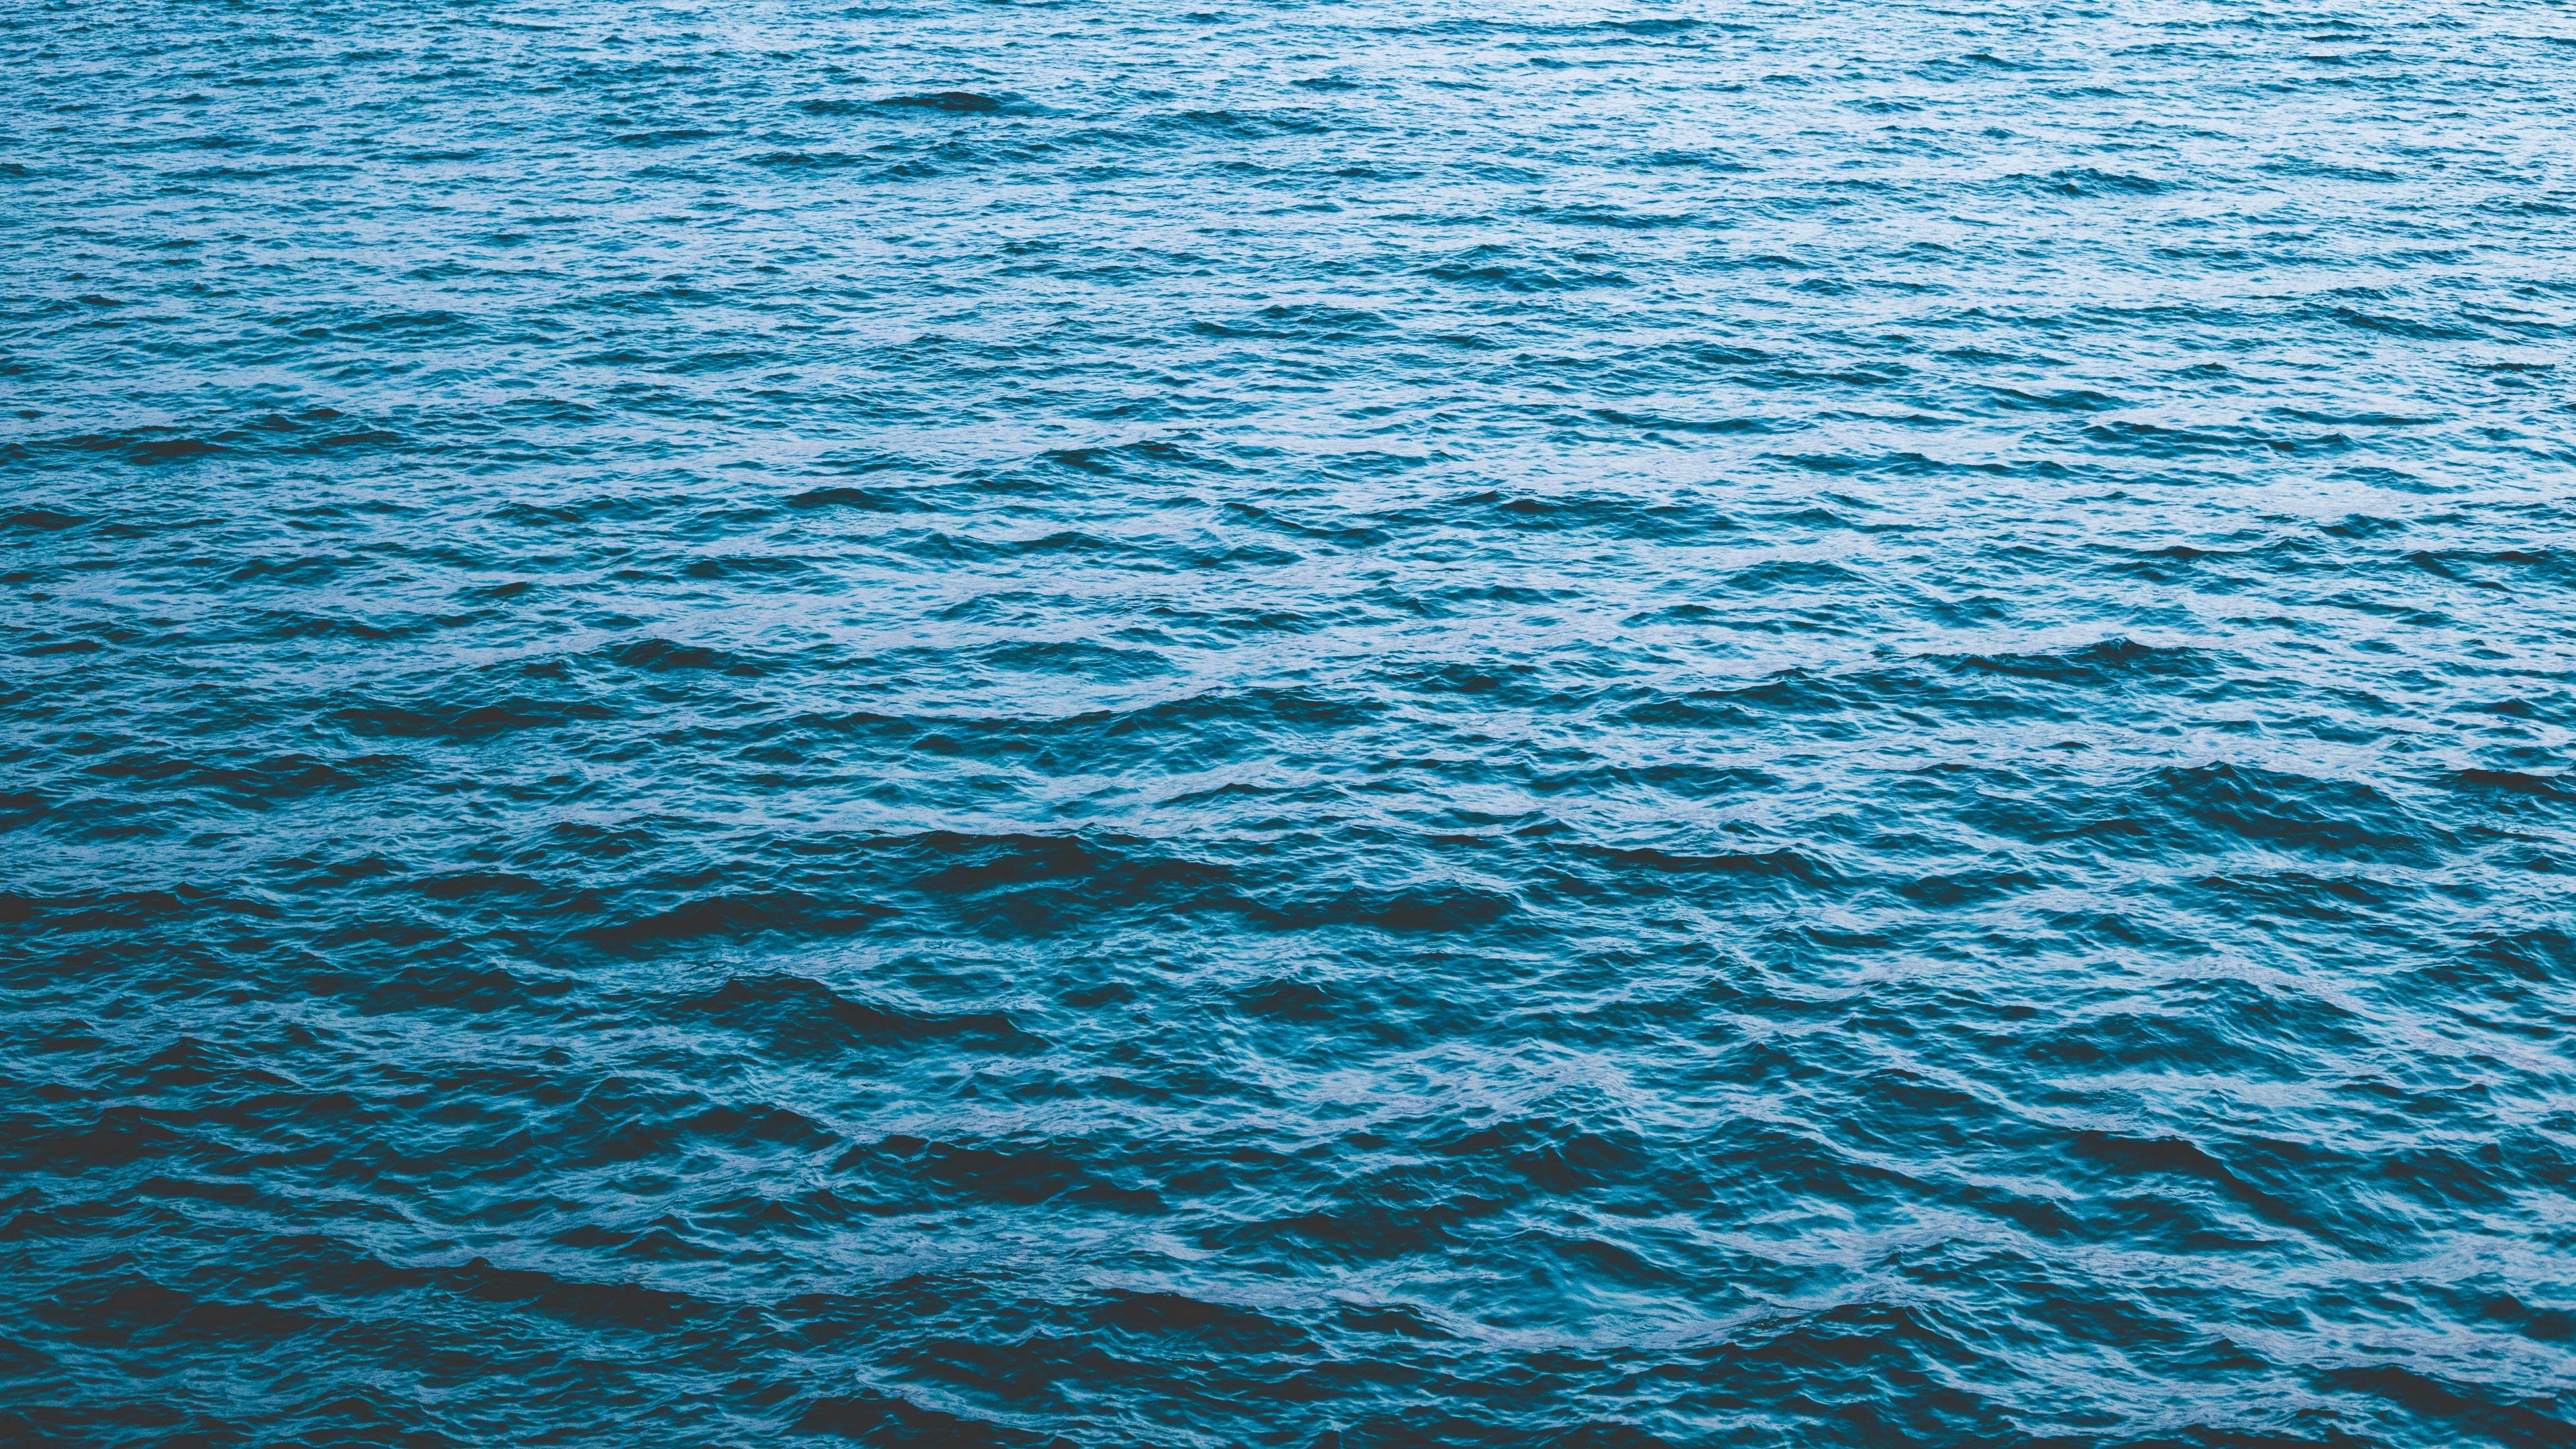 sea surface water 4k 1541115997 - sea, surface, water 4k - Water, Surface, Sea